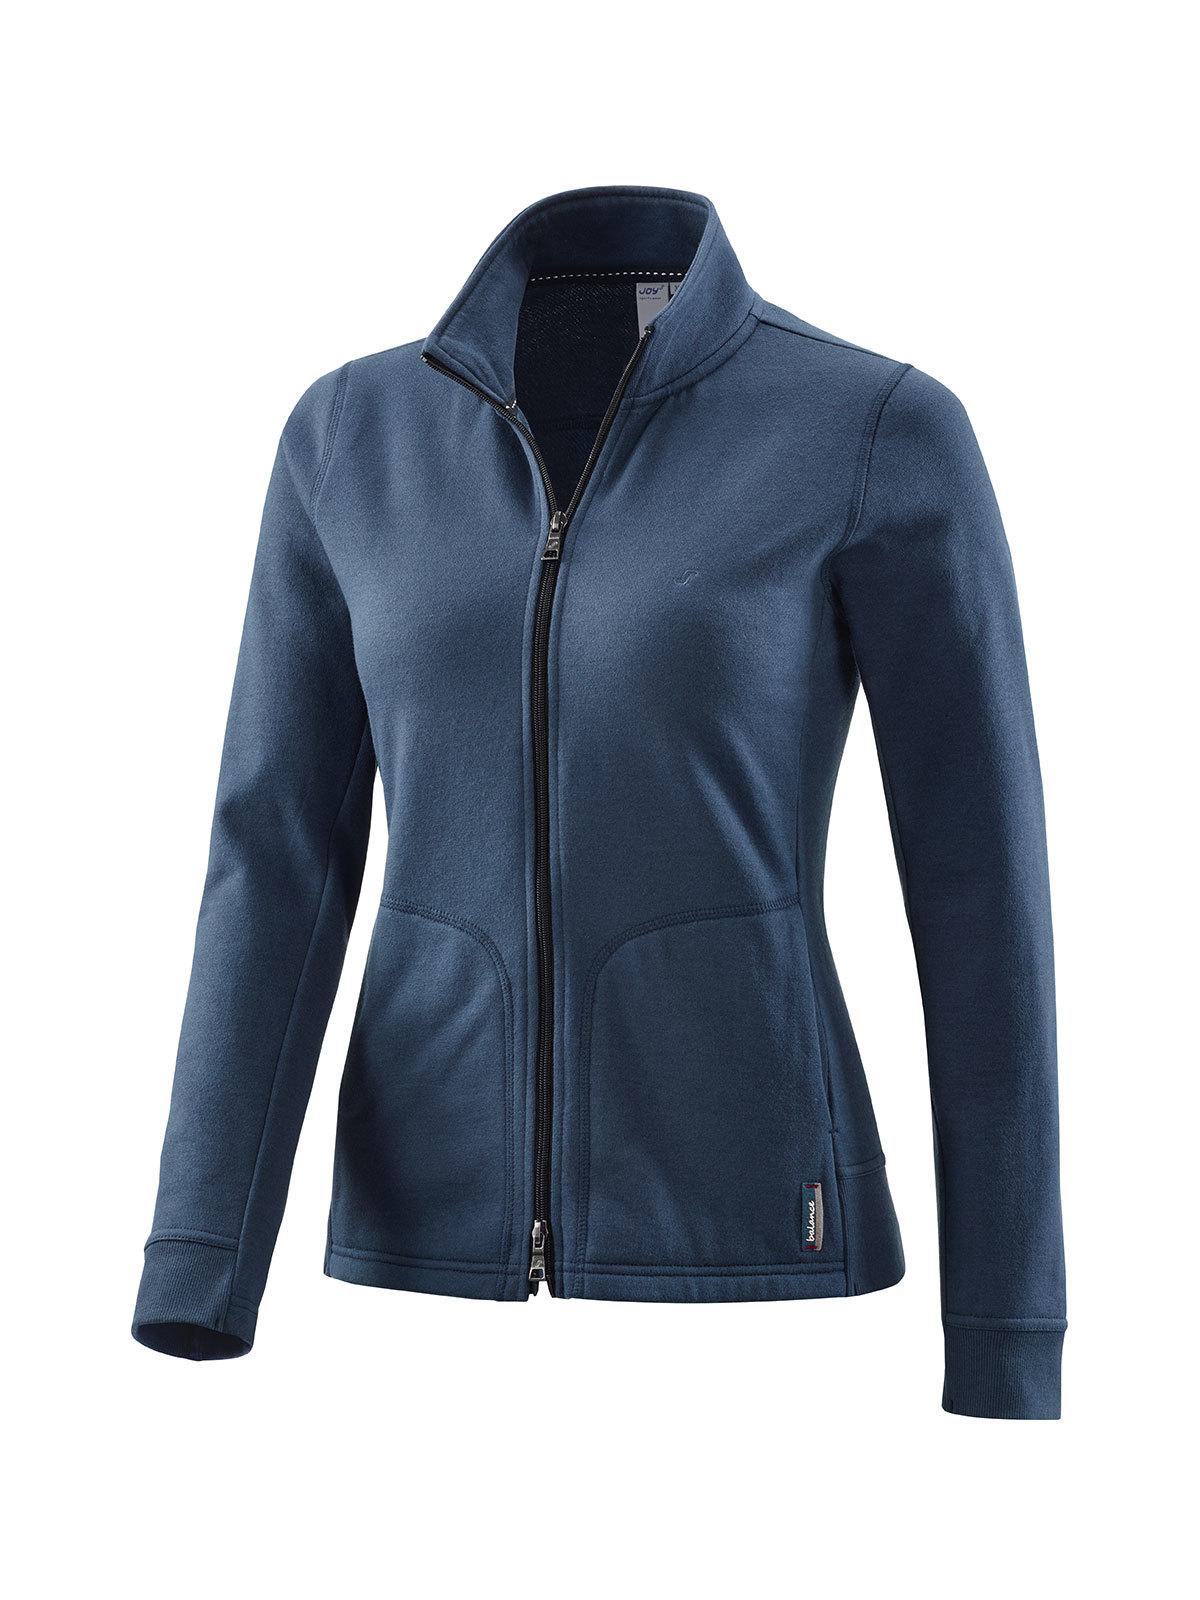 Joy Sportswear Trainingsjacke PAULINA   Sportbekleidung > Sportjacken > Sonstige Sportjacken   Blau   Joy Sportswear